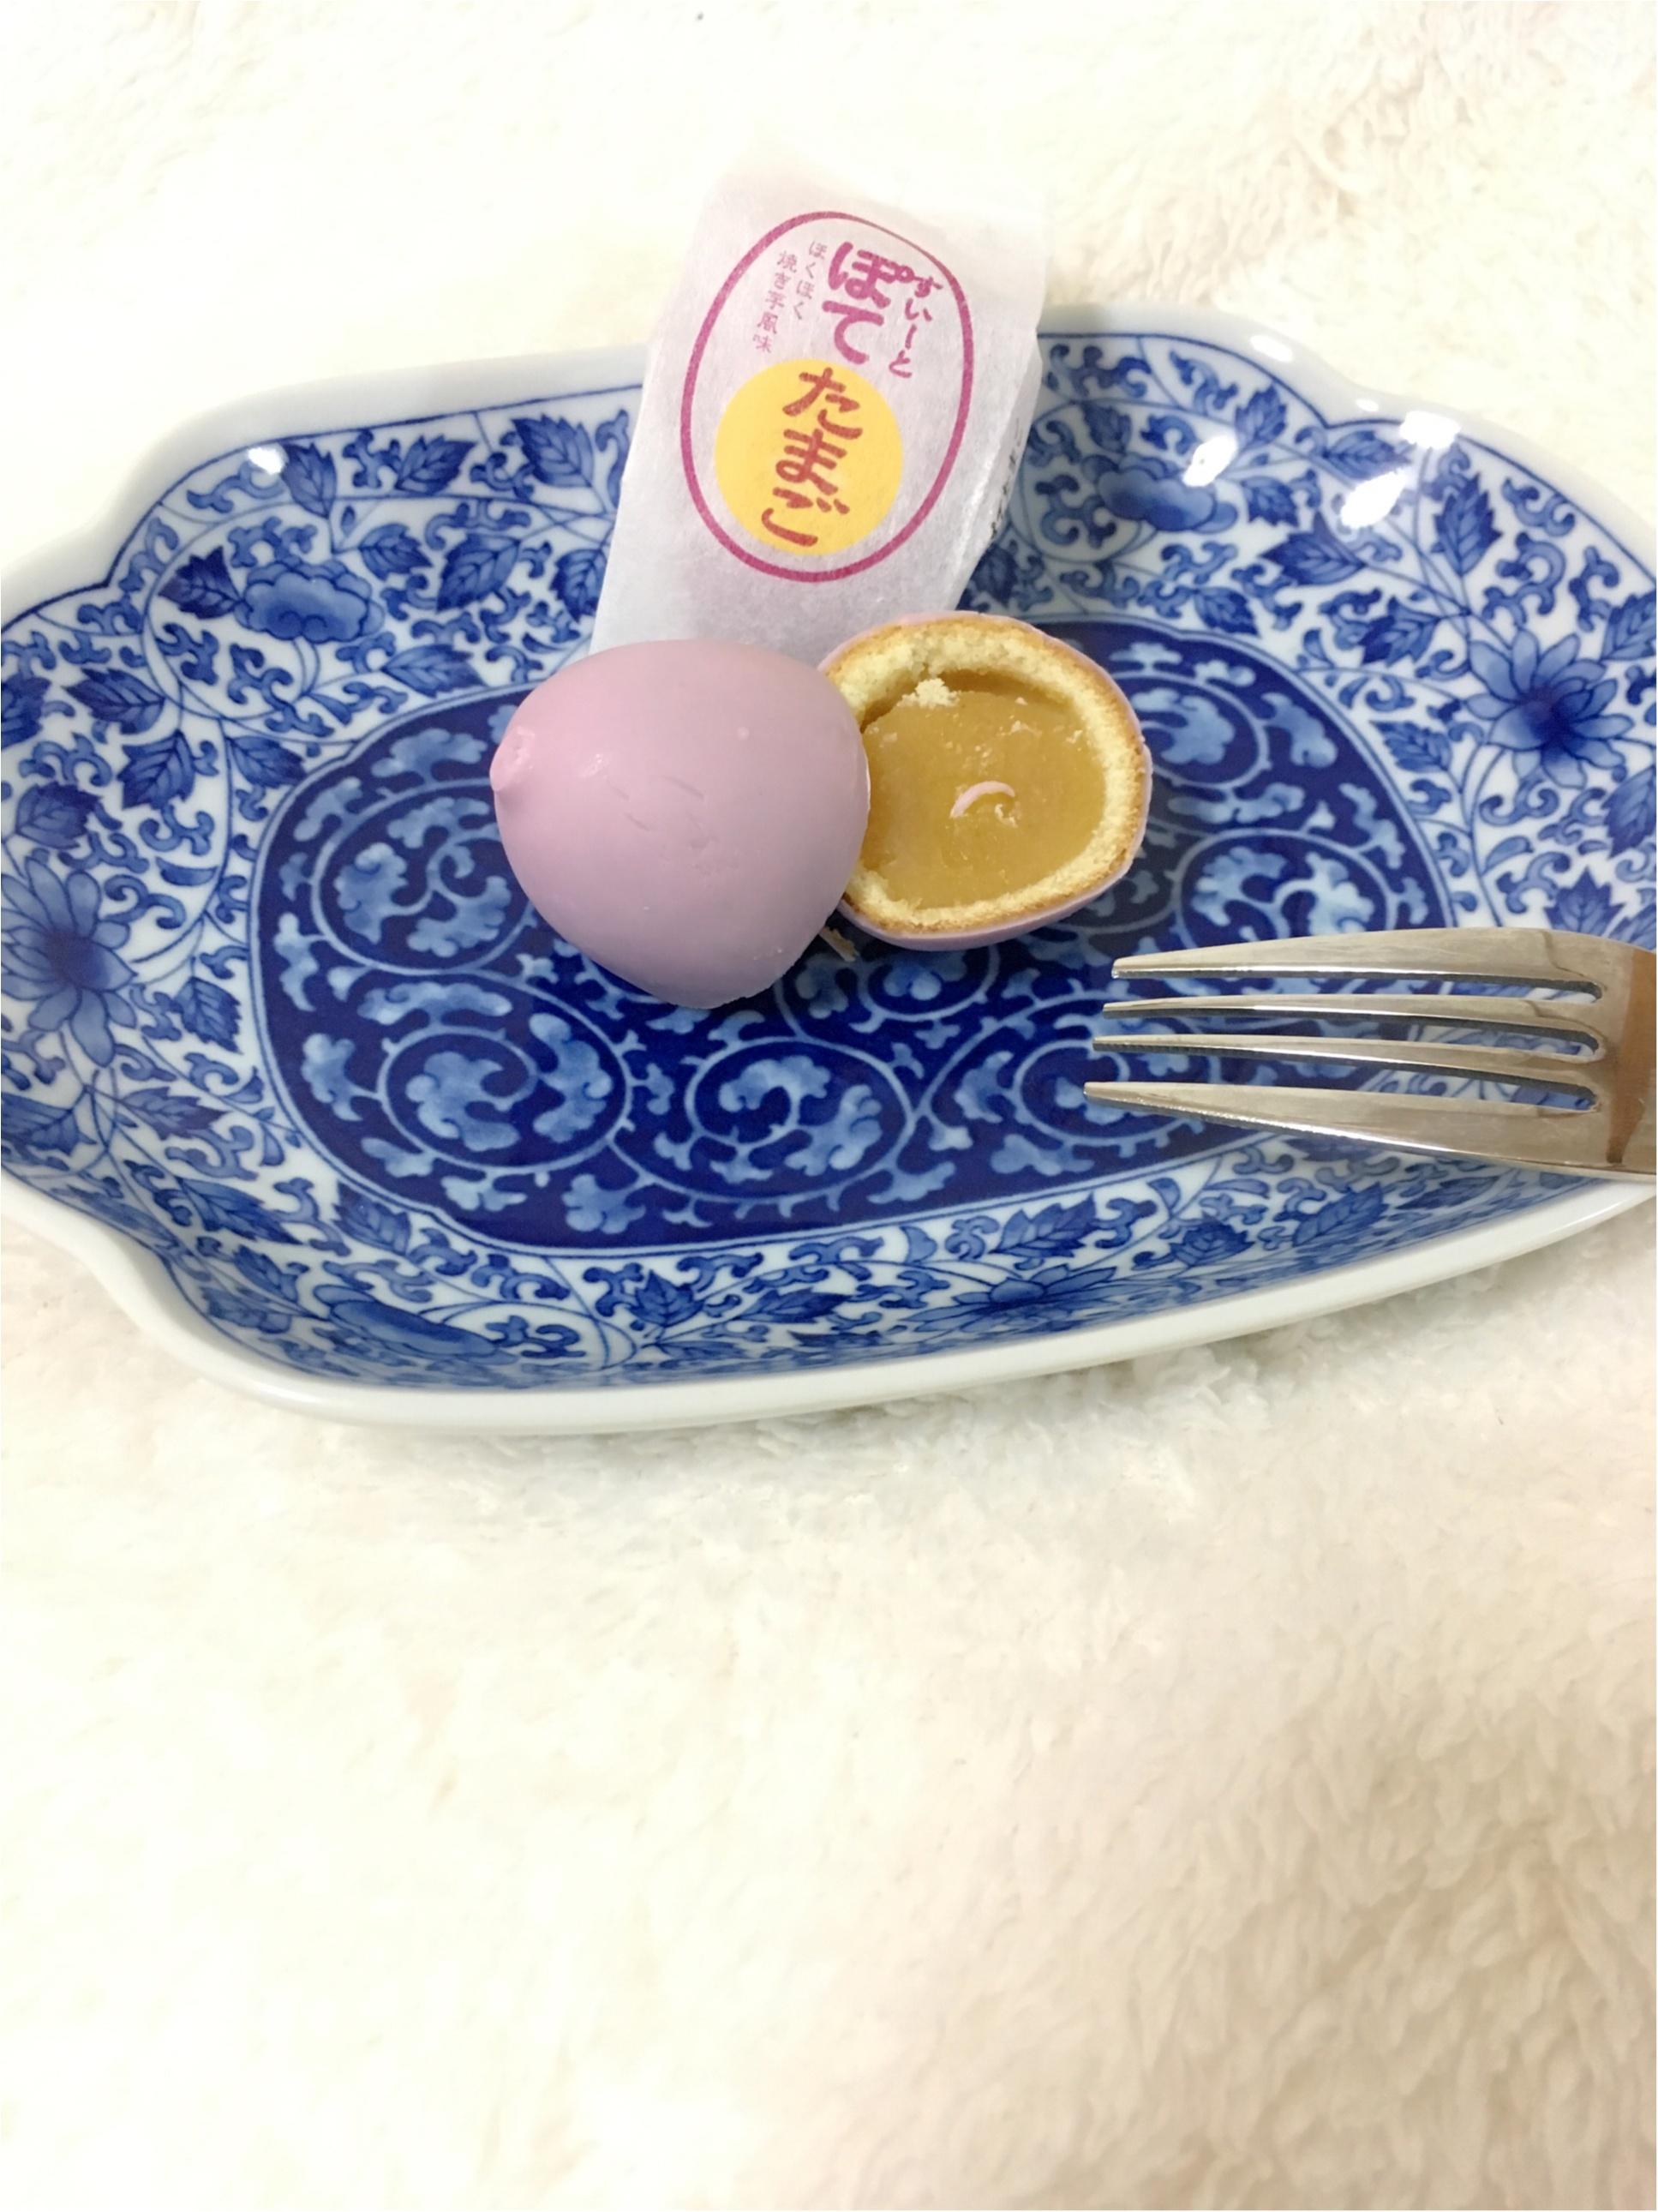 《銀座たまや》期間限定の【すいーとぽてたまご】が焼き芋風味で美味♡_1